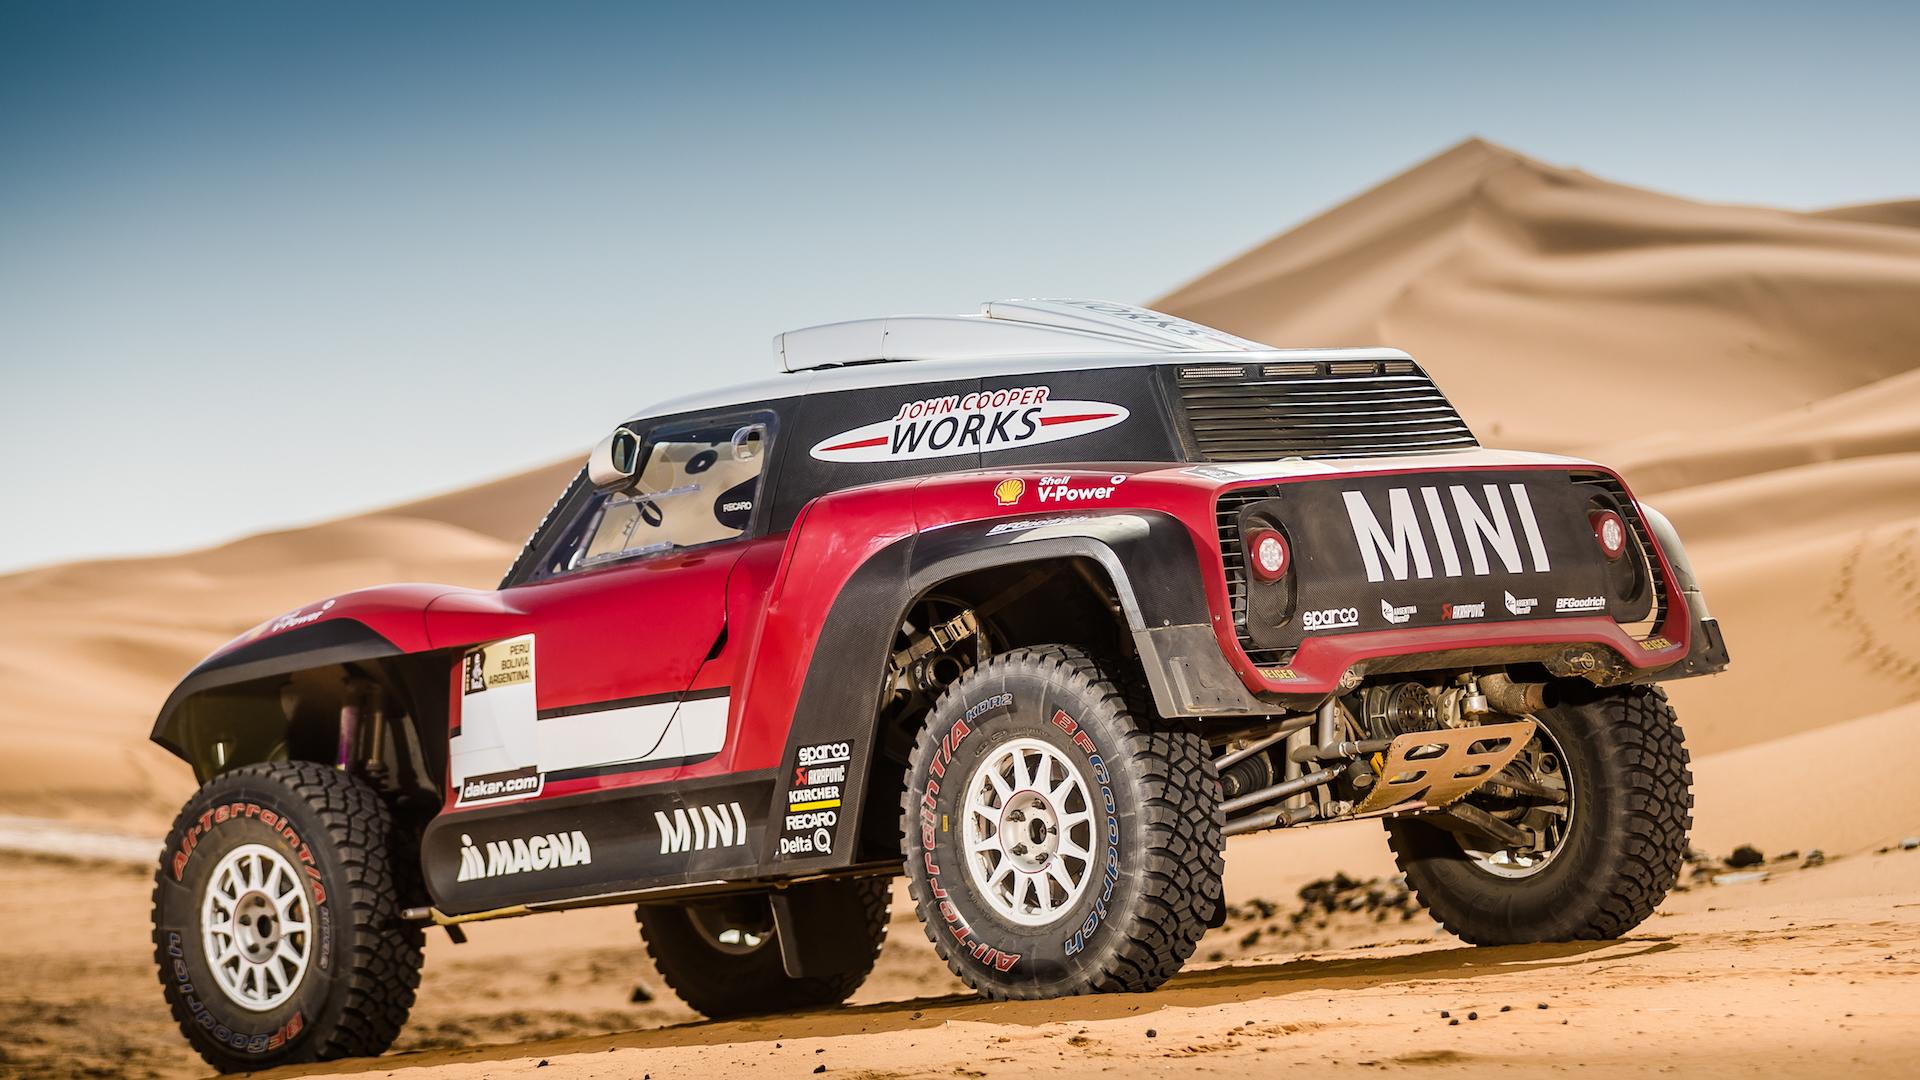 Mini John Cooper Works Buggy for 2018 Dakar Rally